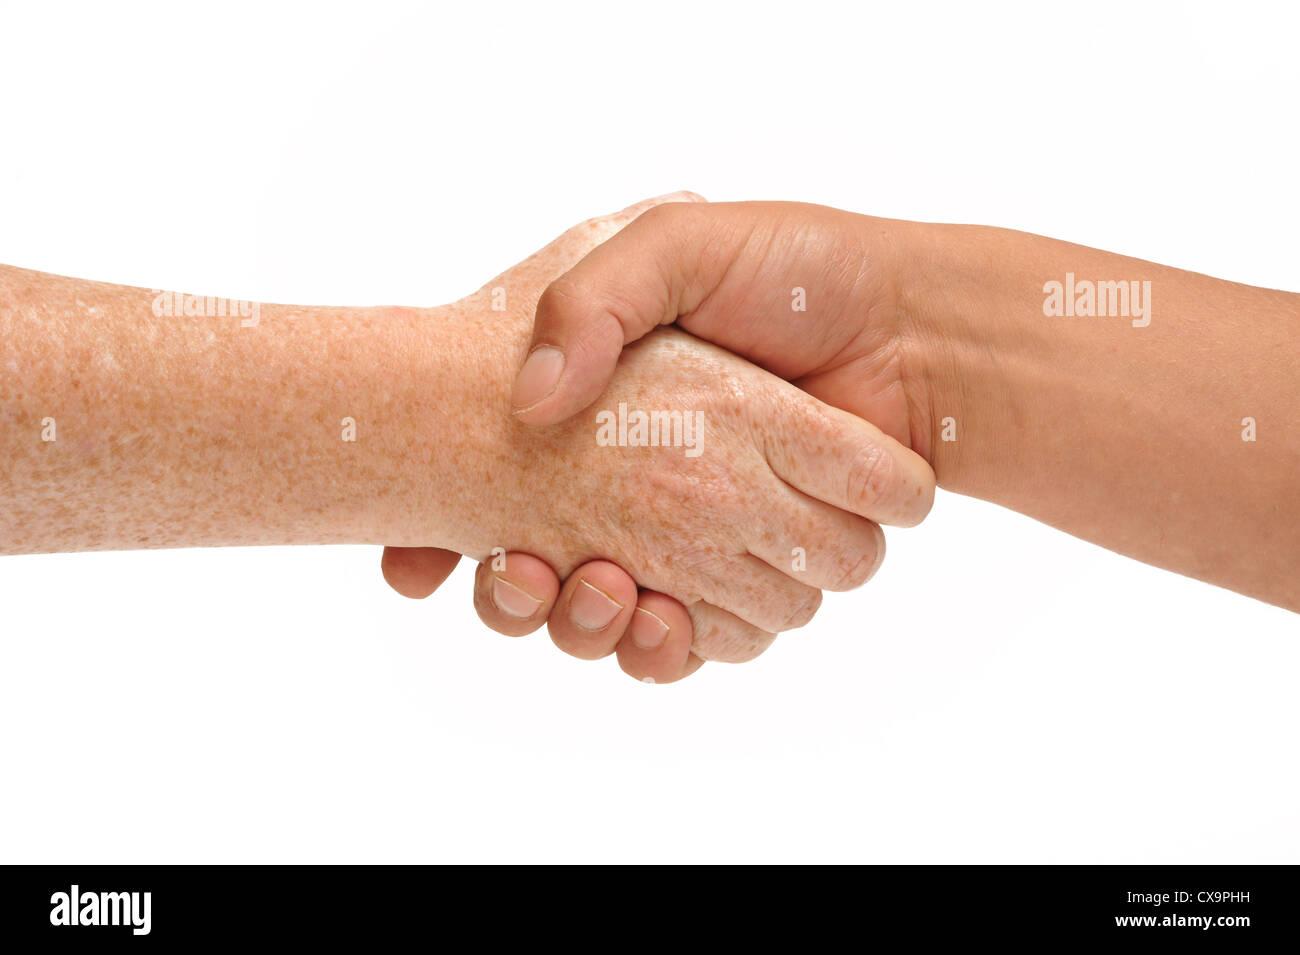 Hand shake - Stock Image